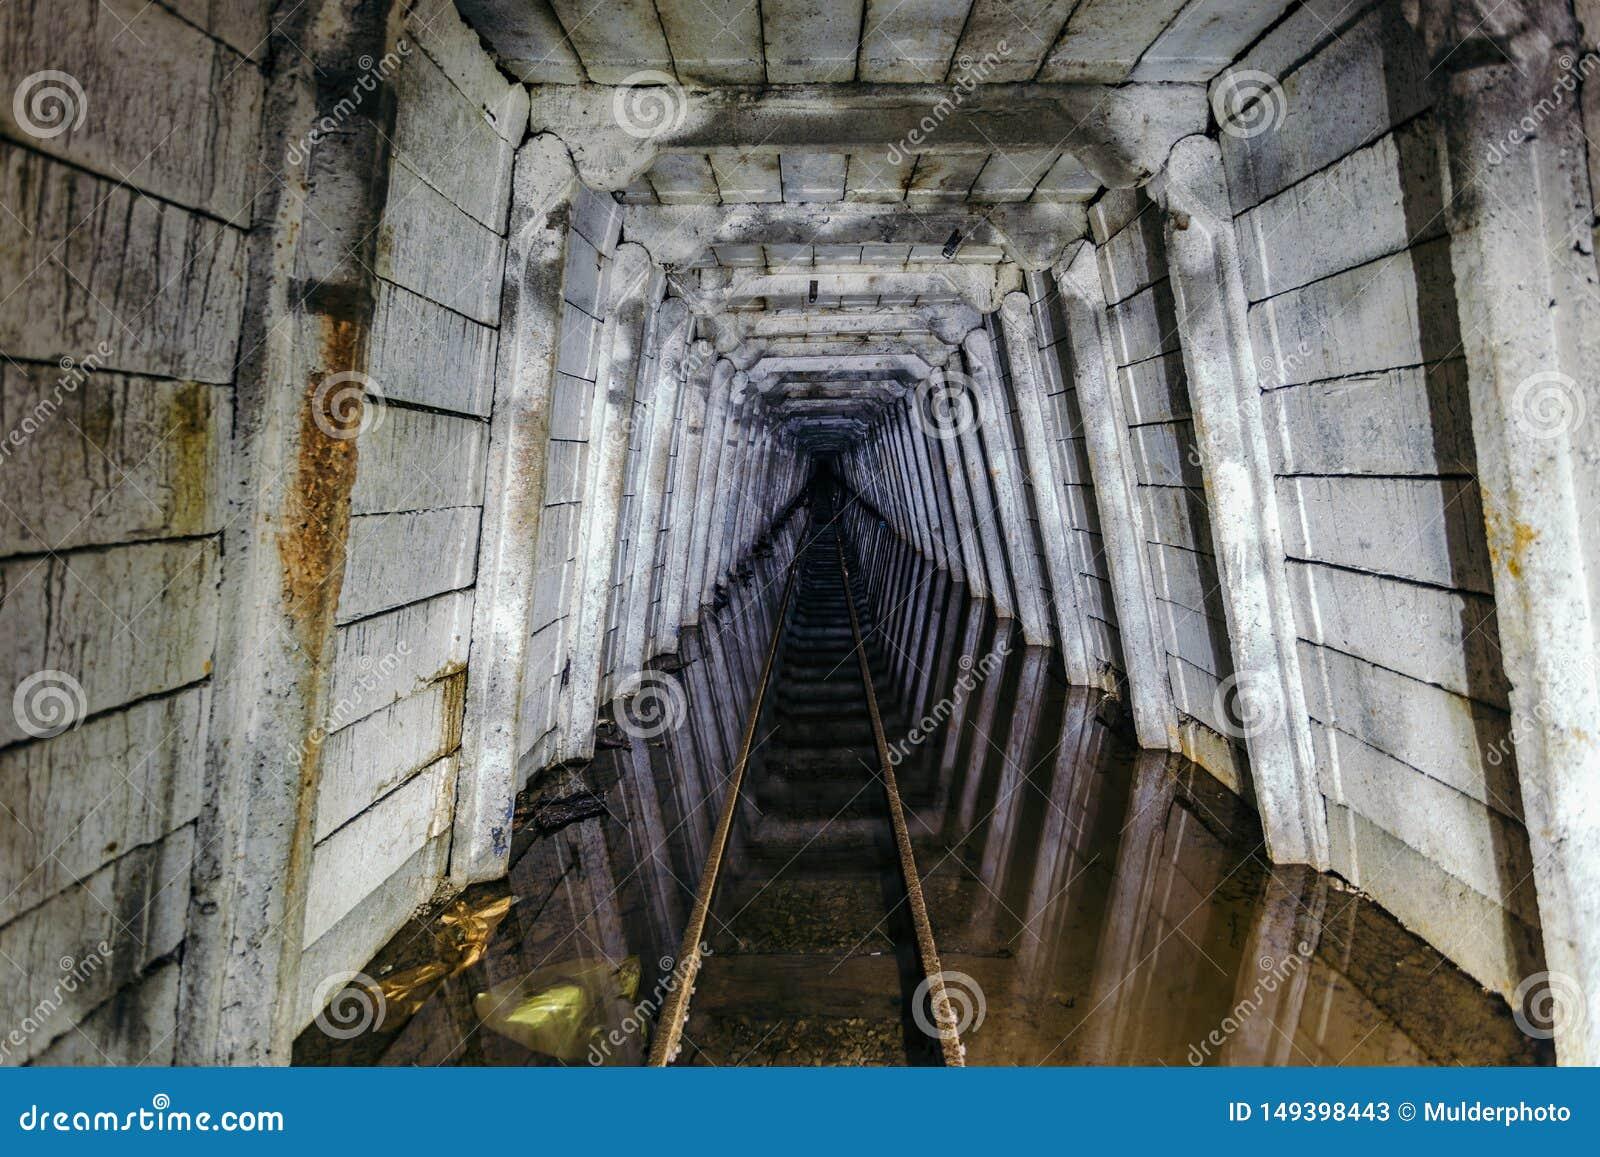 Πλημμυρισμένο εγκαταλειμμένο ορυχείο ουράνιου με το σκουριασμένο σιδηρόδρομο